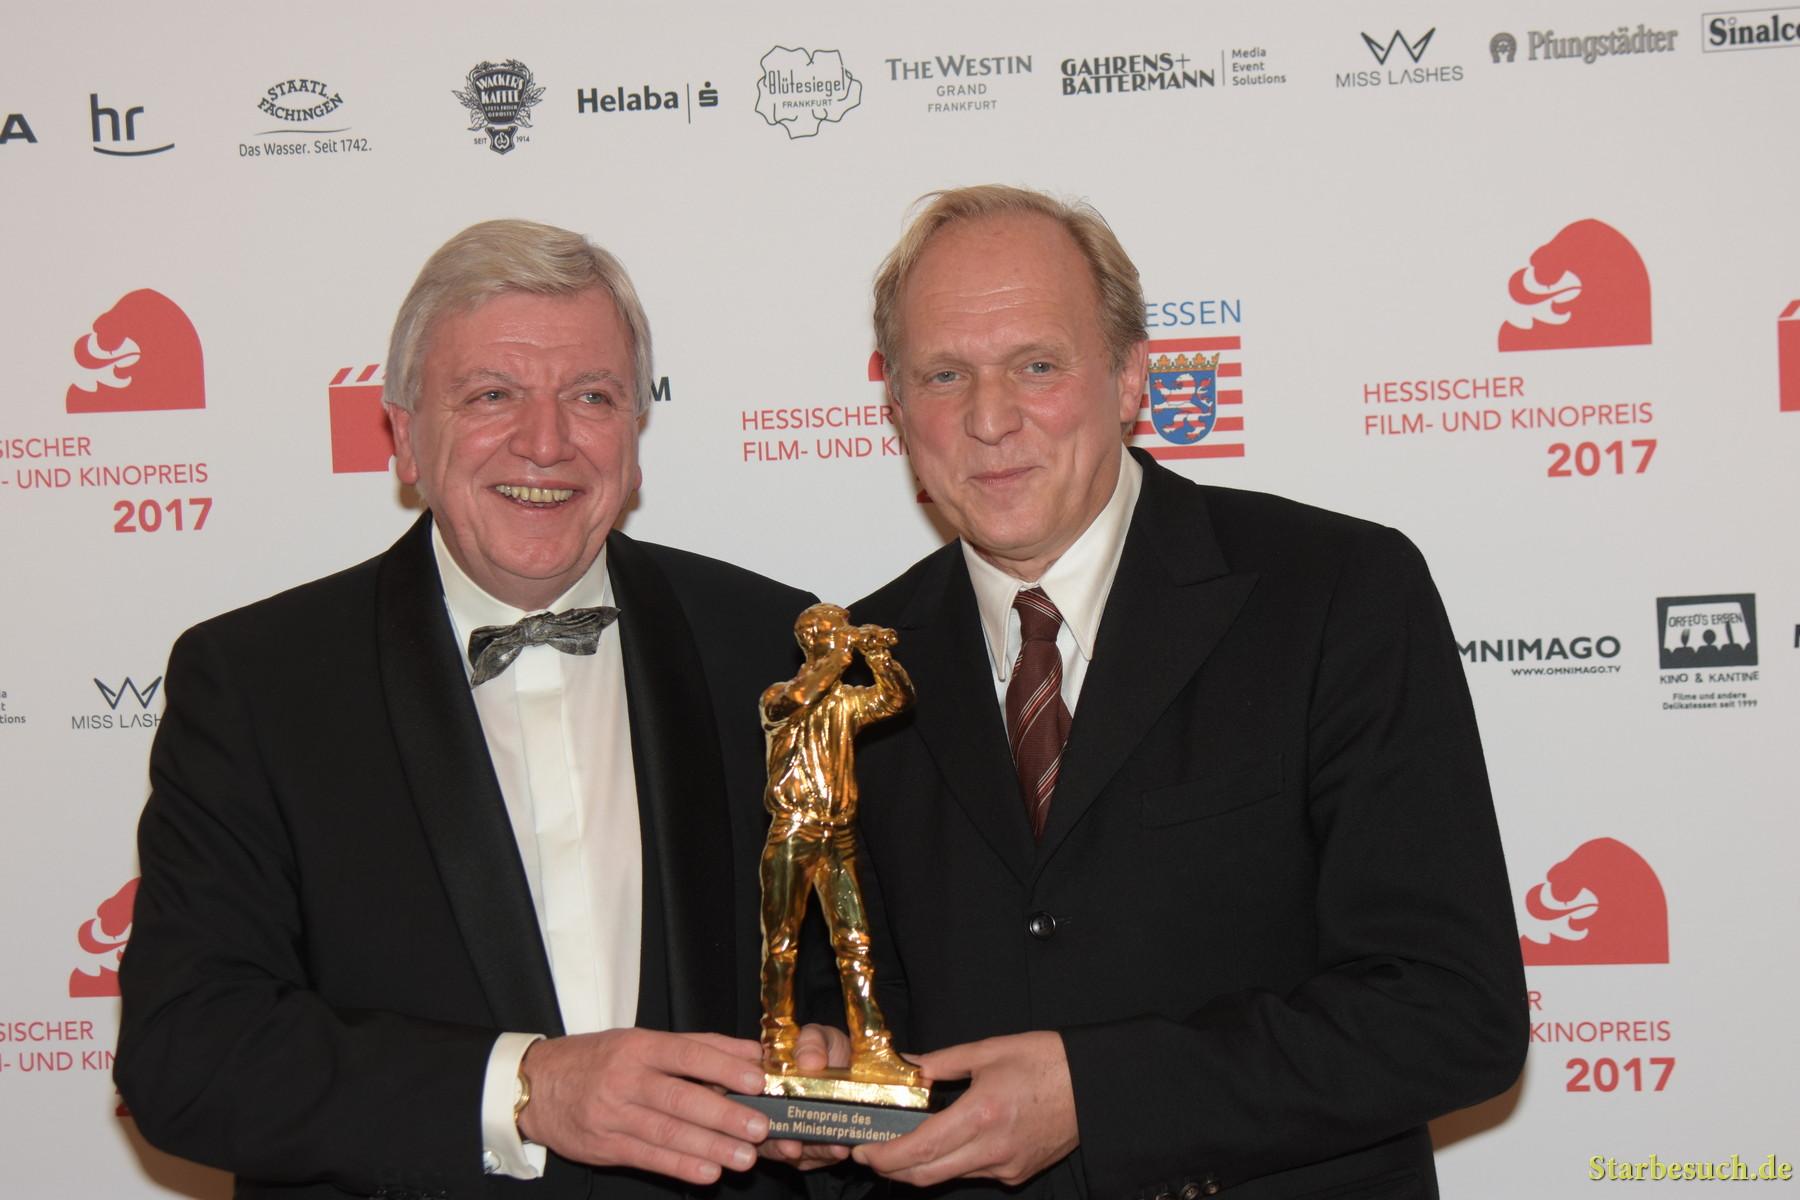 Volker Bouffier with Ulrich Tukur, german actor, Hessischer Film- und Kinopreis 2017, Alte Oper Frankfurt/Main, Germany